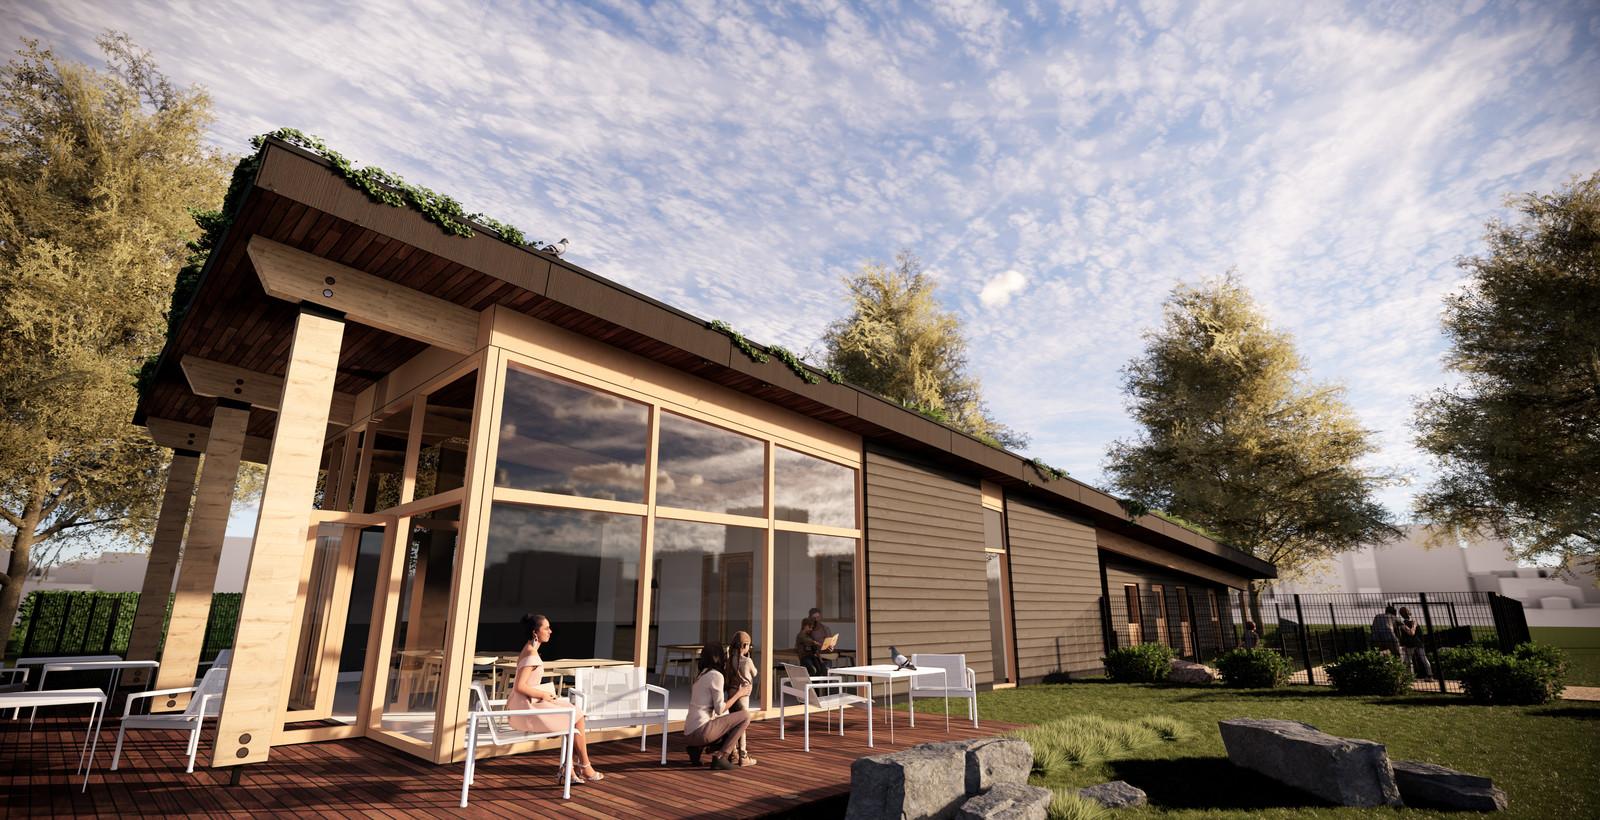 Impressie van de nieuwbouw van natuur- en milieu-educatiecentrum 't Bundertje in Veghel